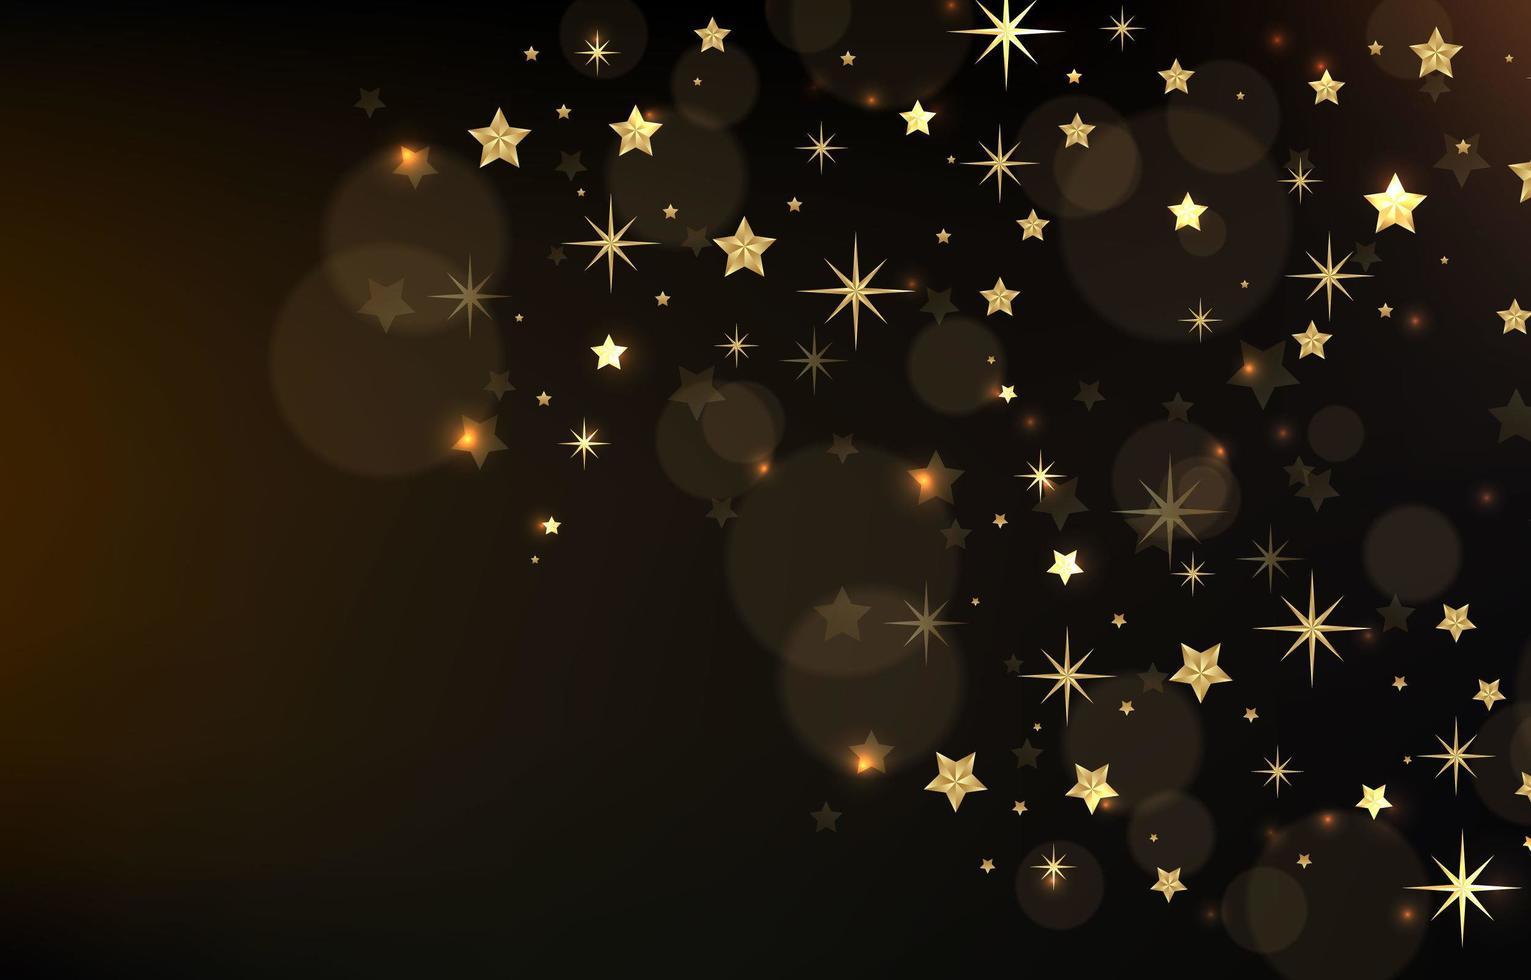 un grupo de estrellas en el cielo nocturno vector